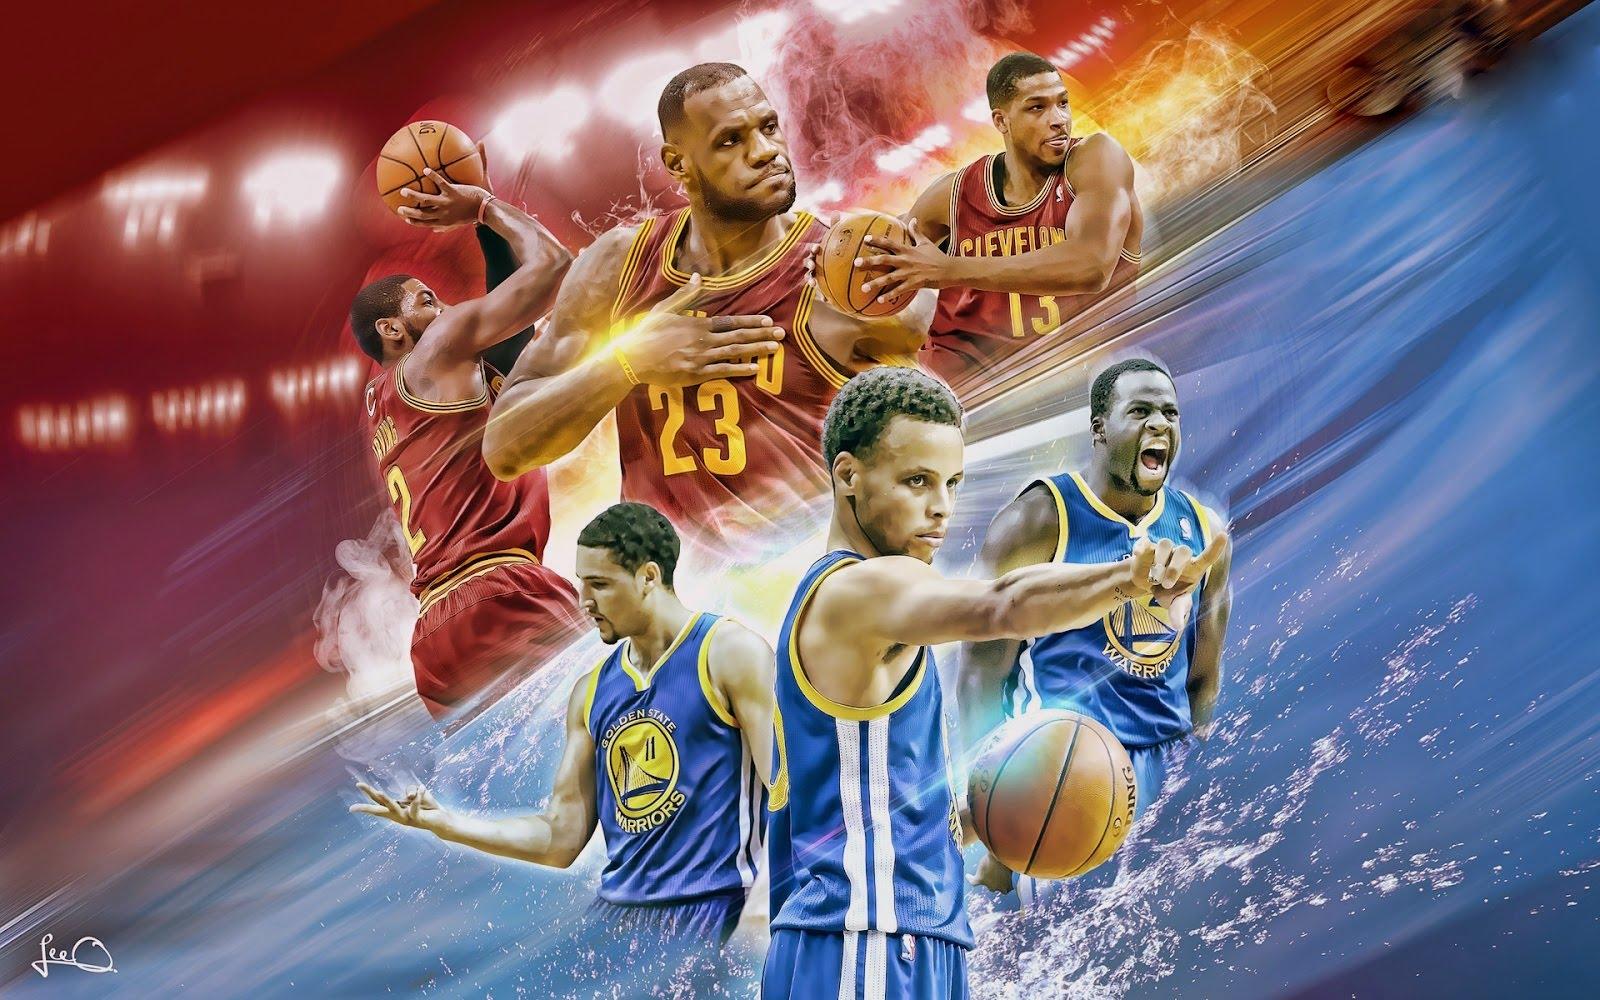 Seria Essa a Melhor Final de NBA depois da Era Jordan? - 3 Pontos